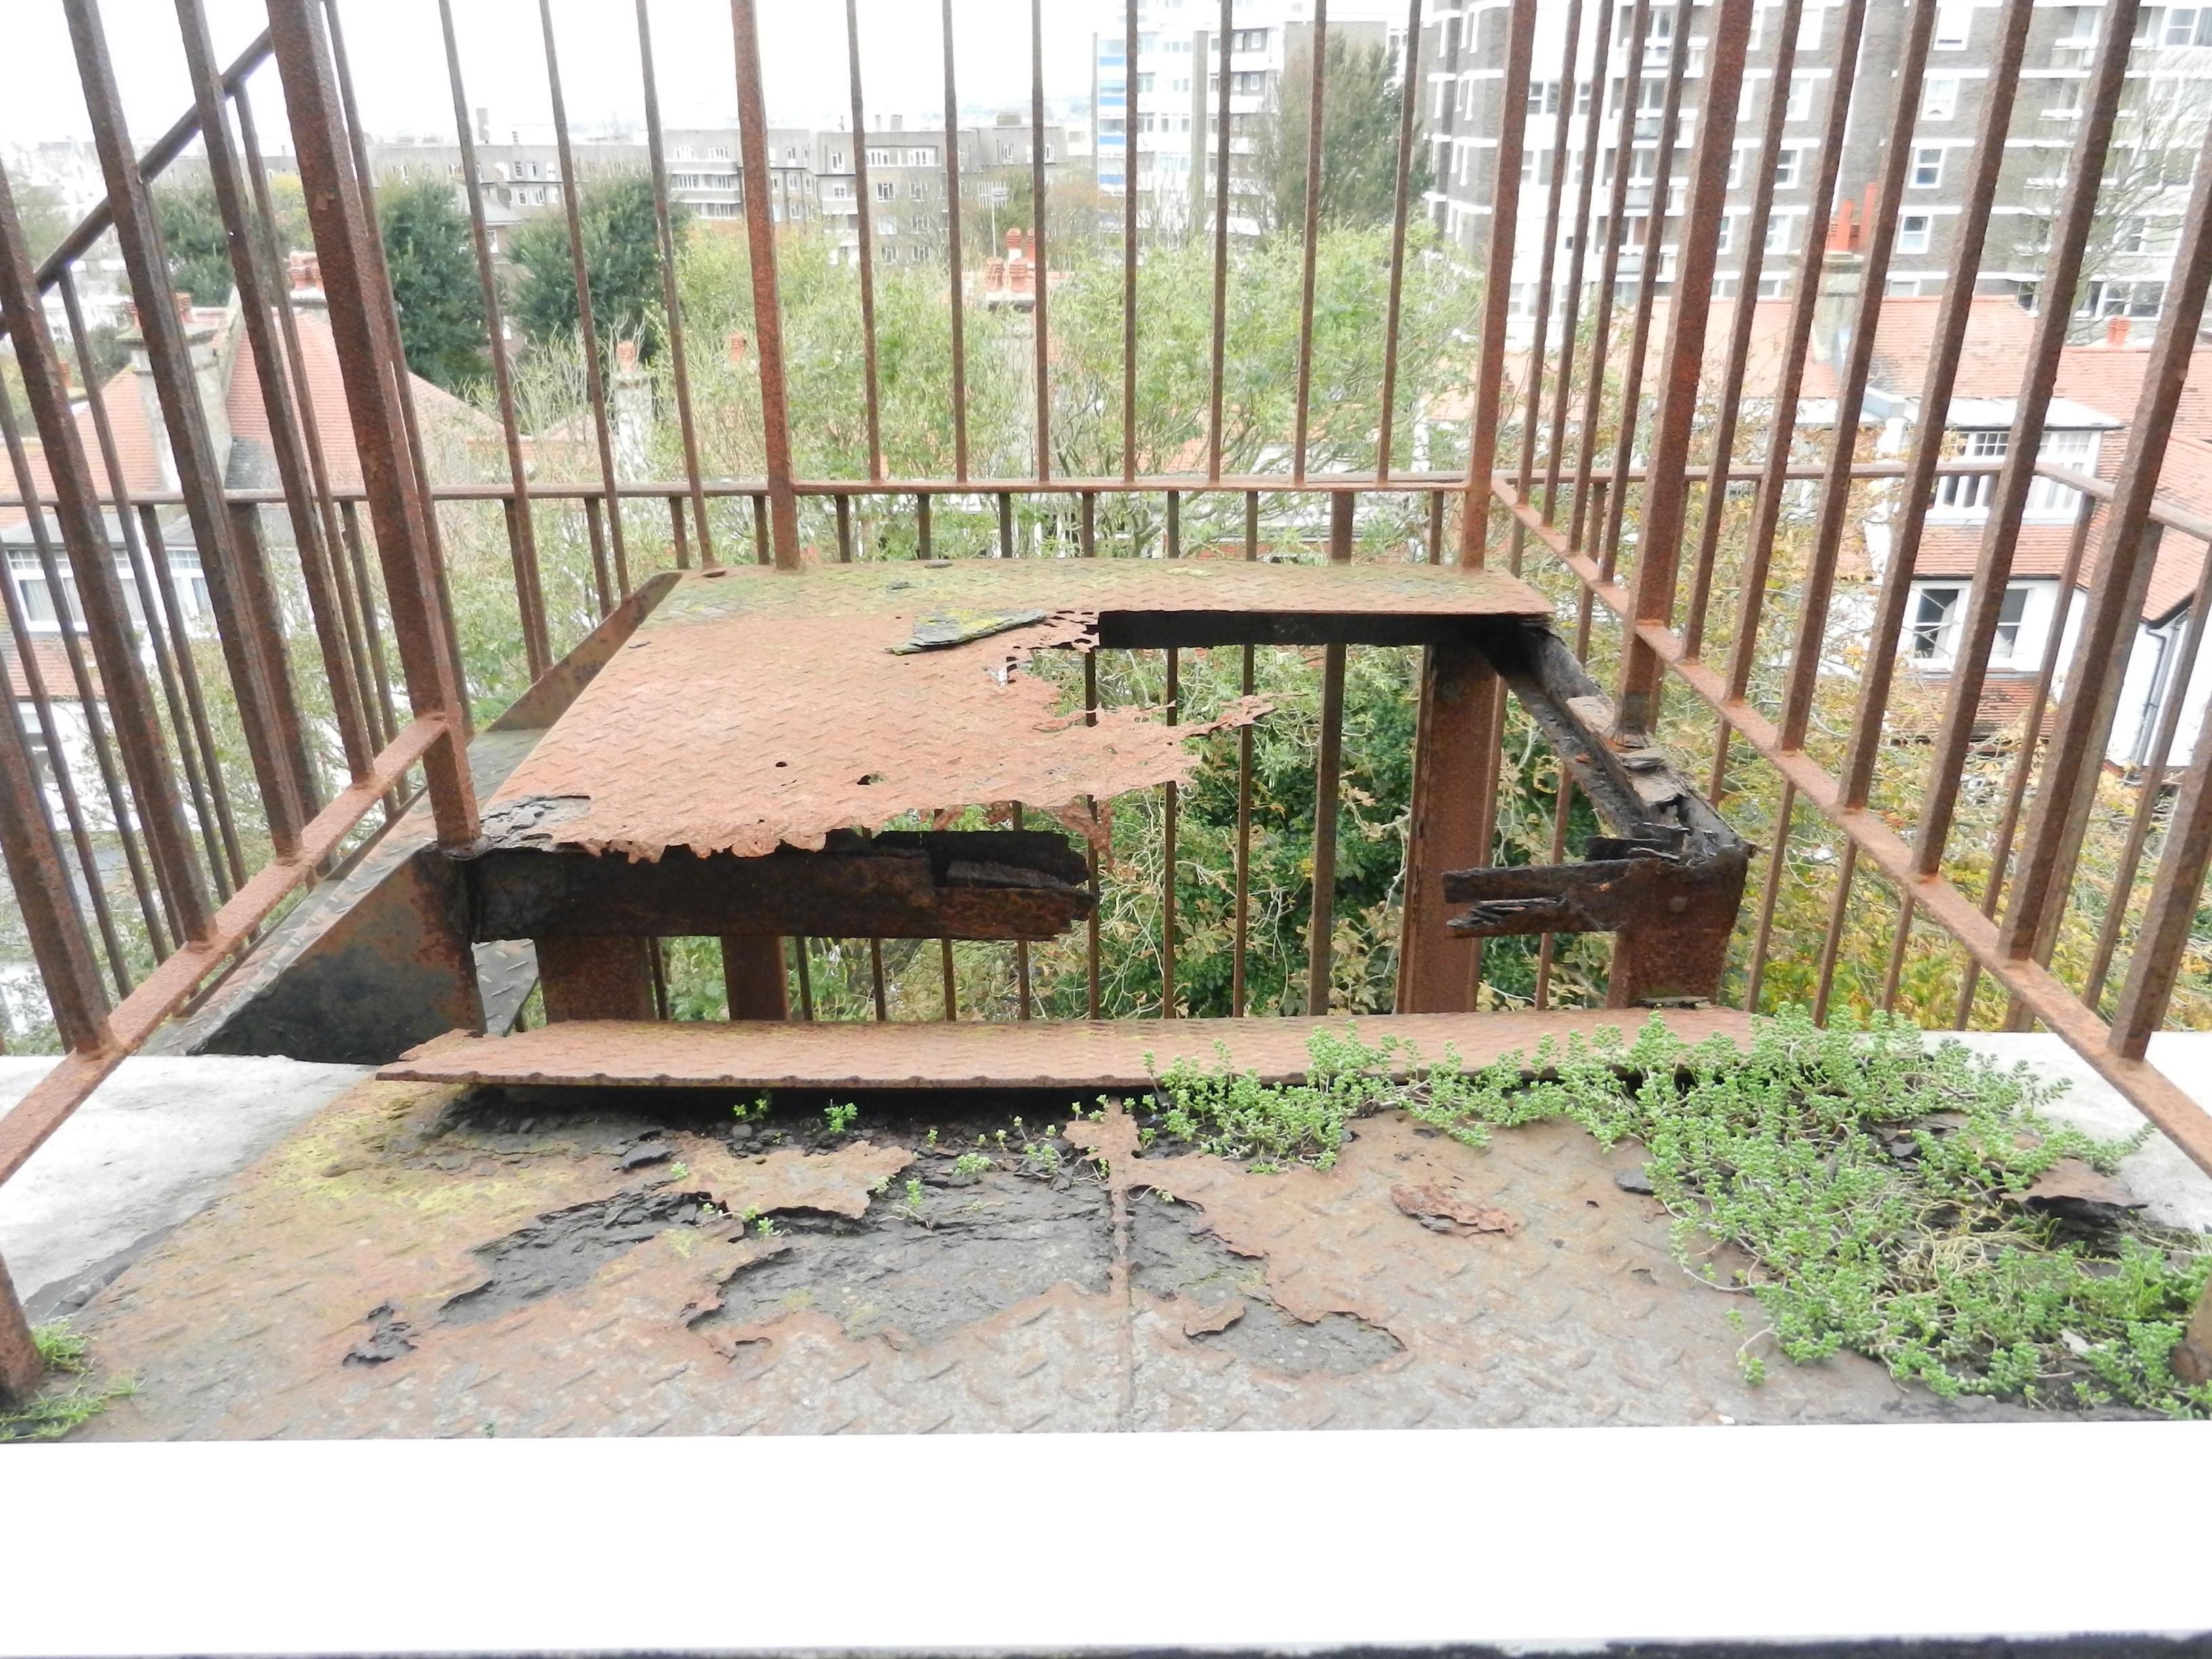 corroded fire escape